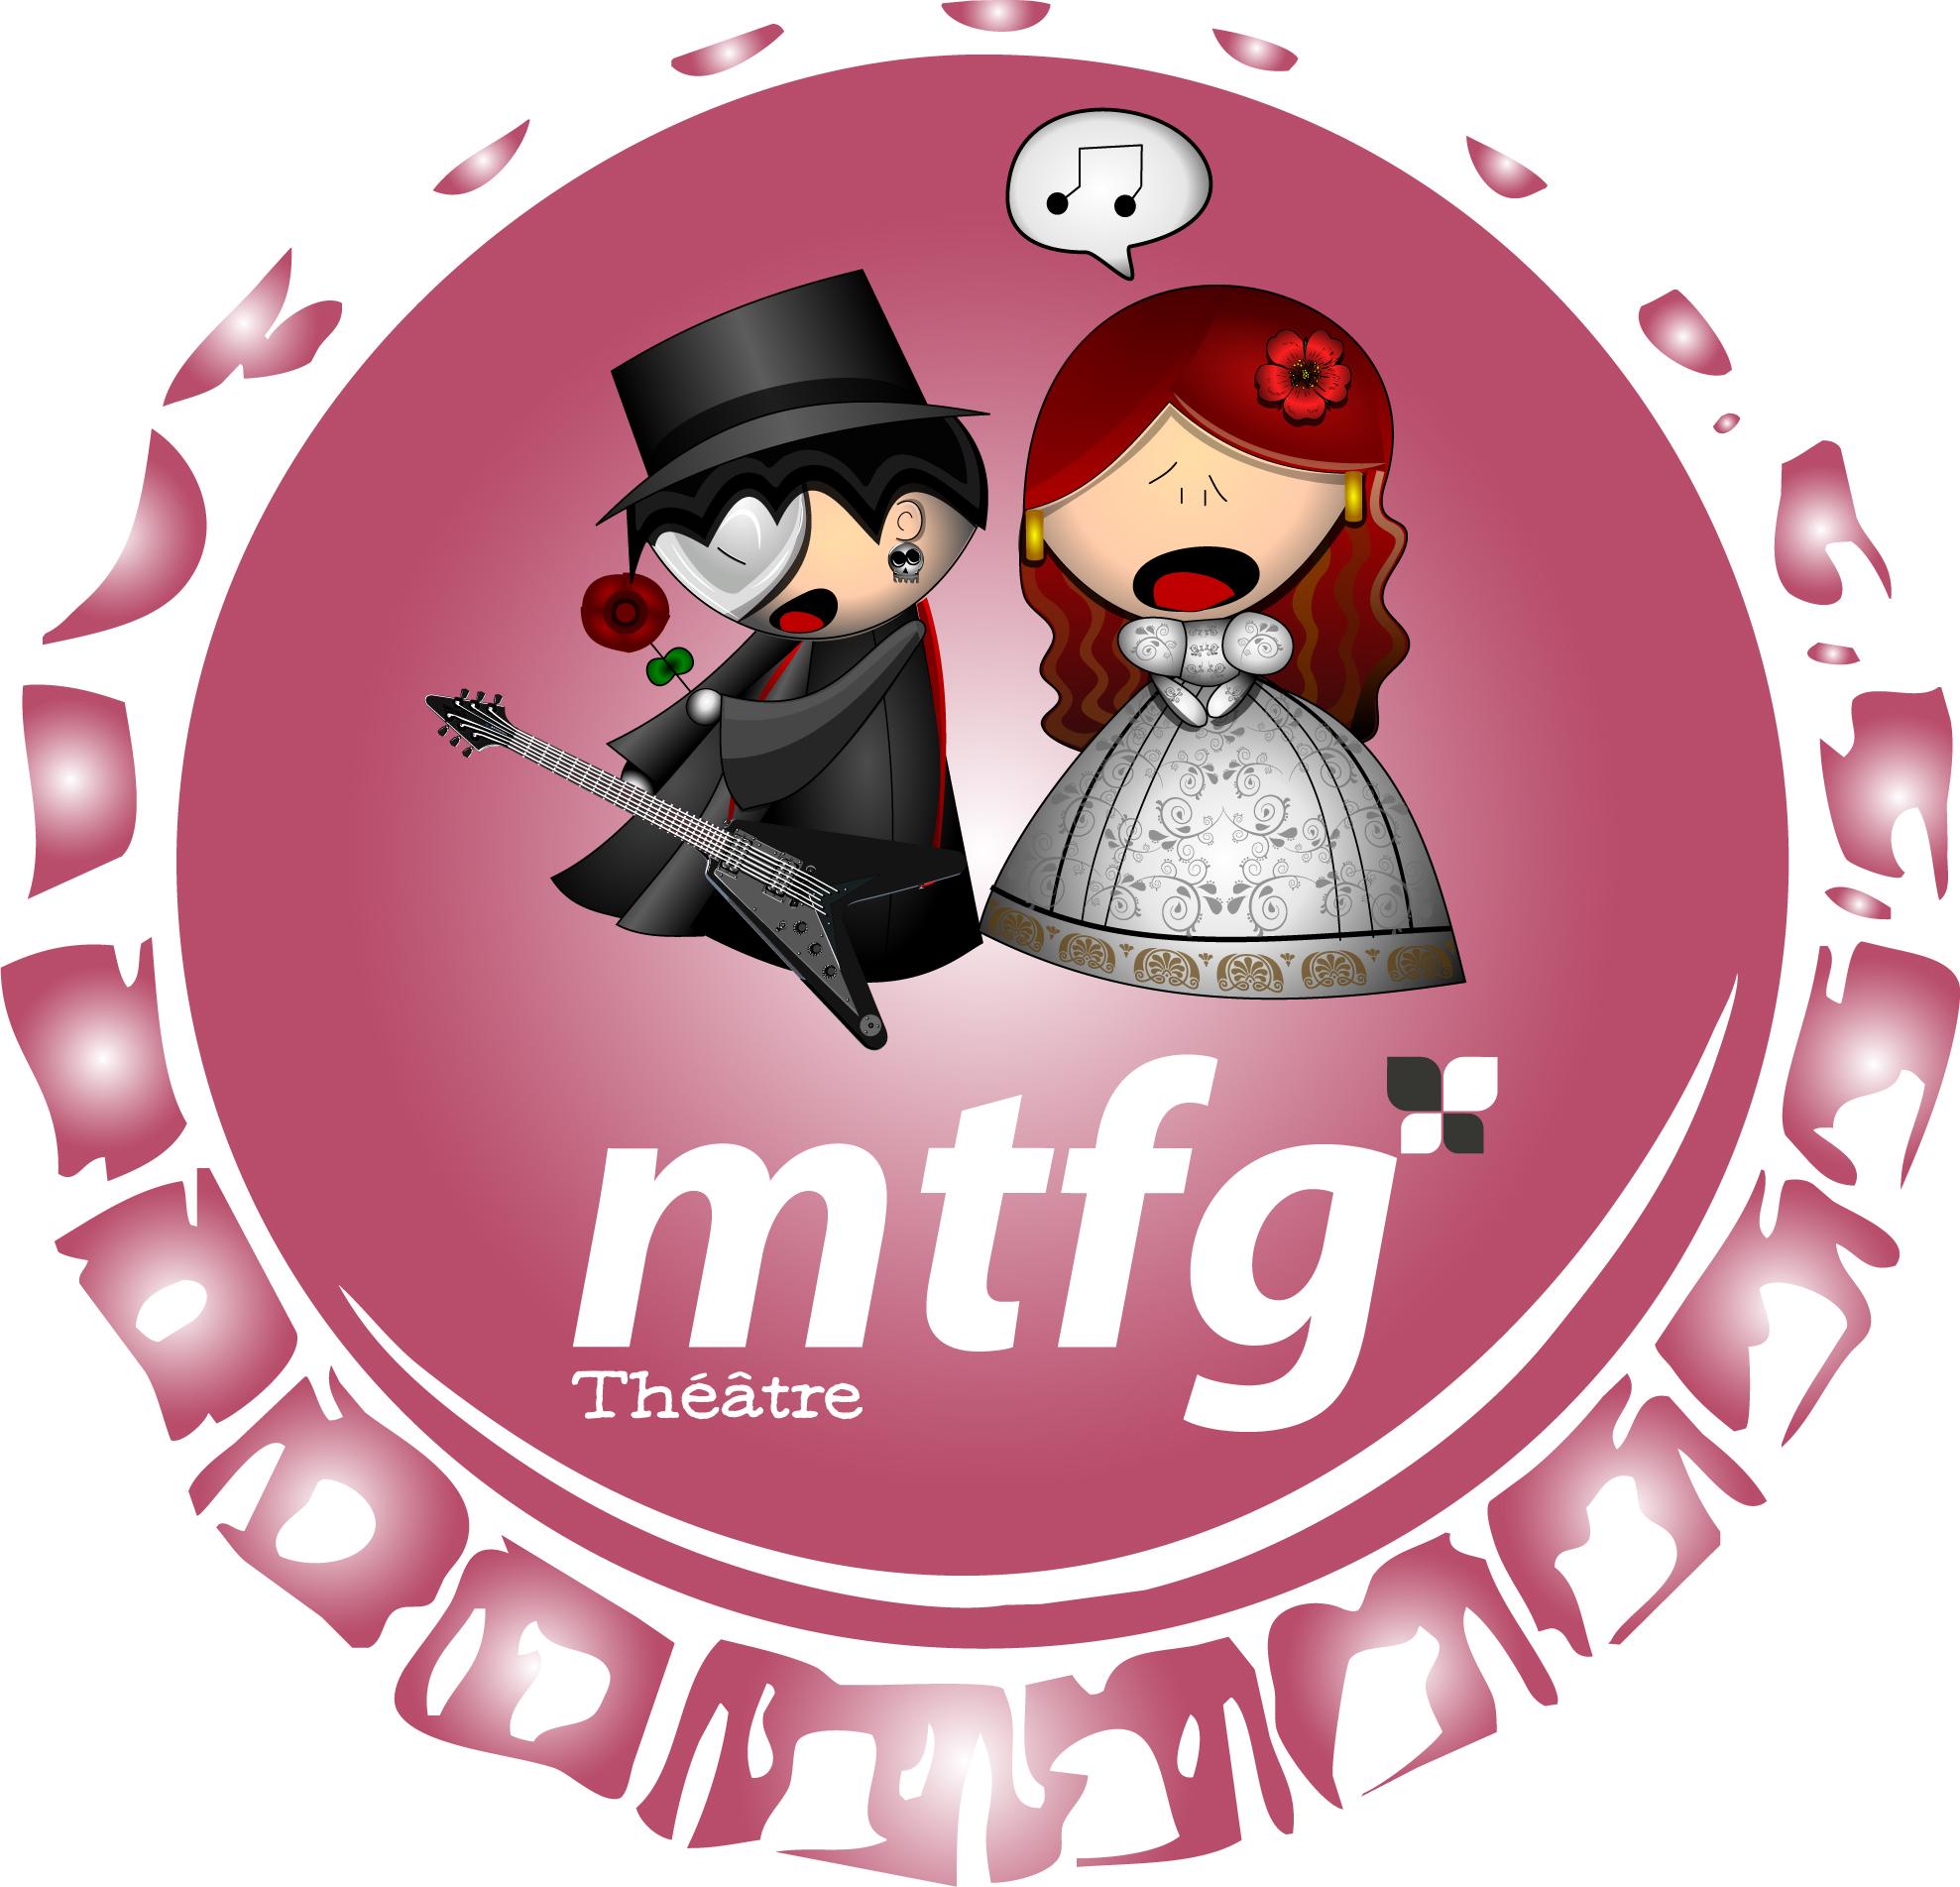 MTFG Théâtre